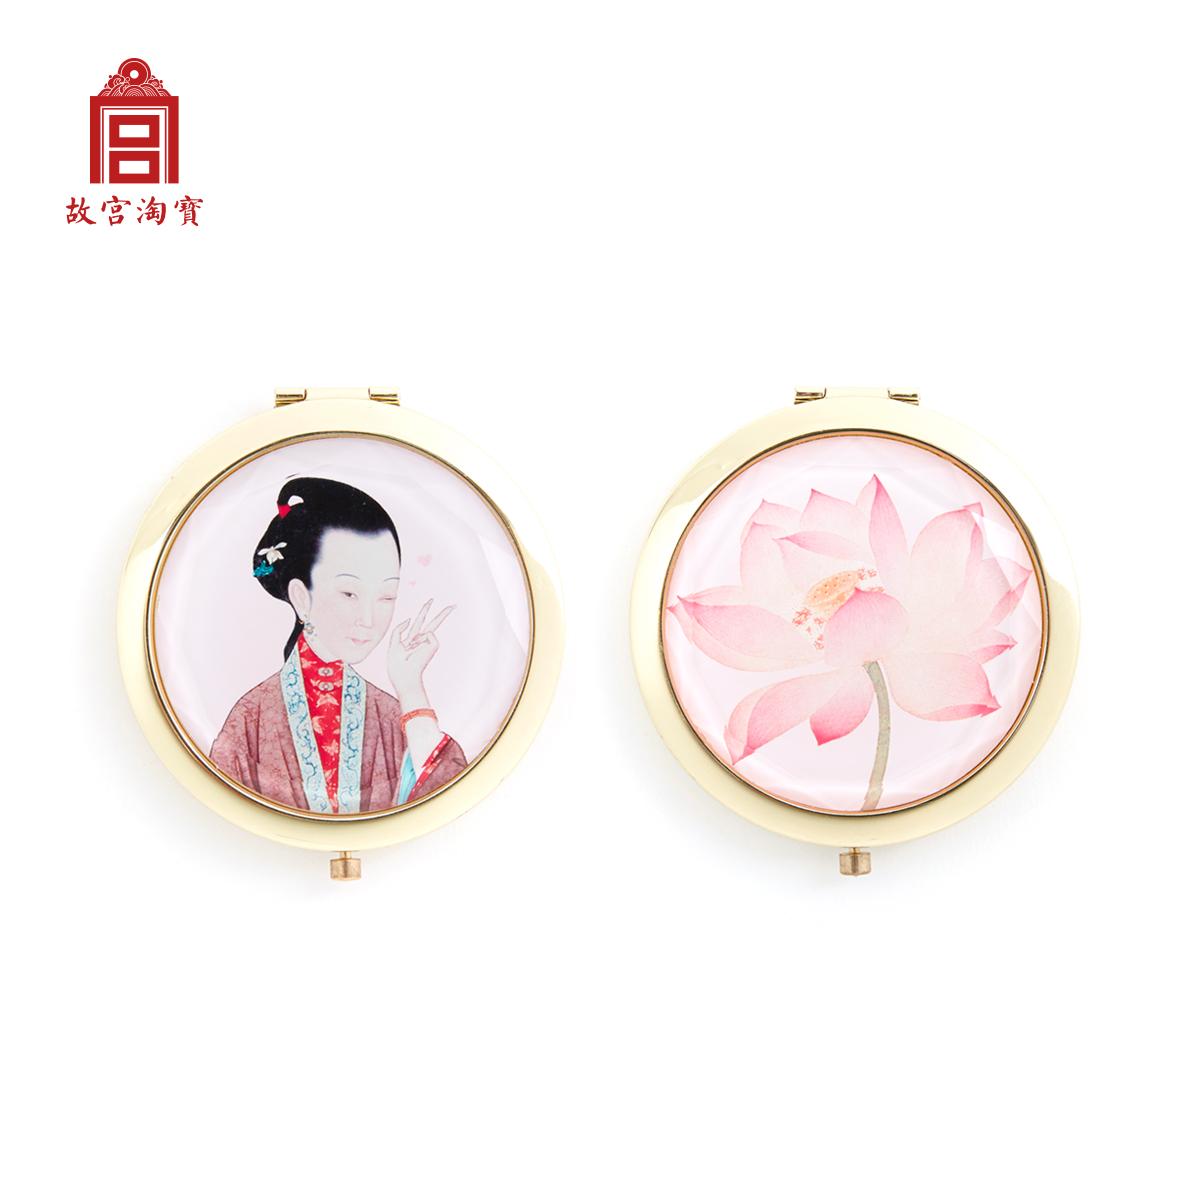 【 поэтому дворец taobao 】 цветок против красота портативный маленькое зеркало сын